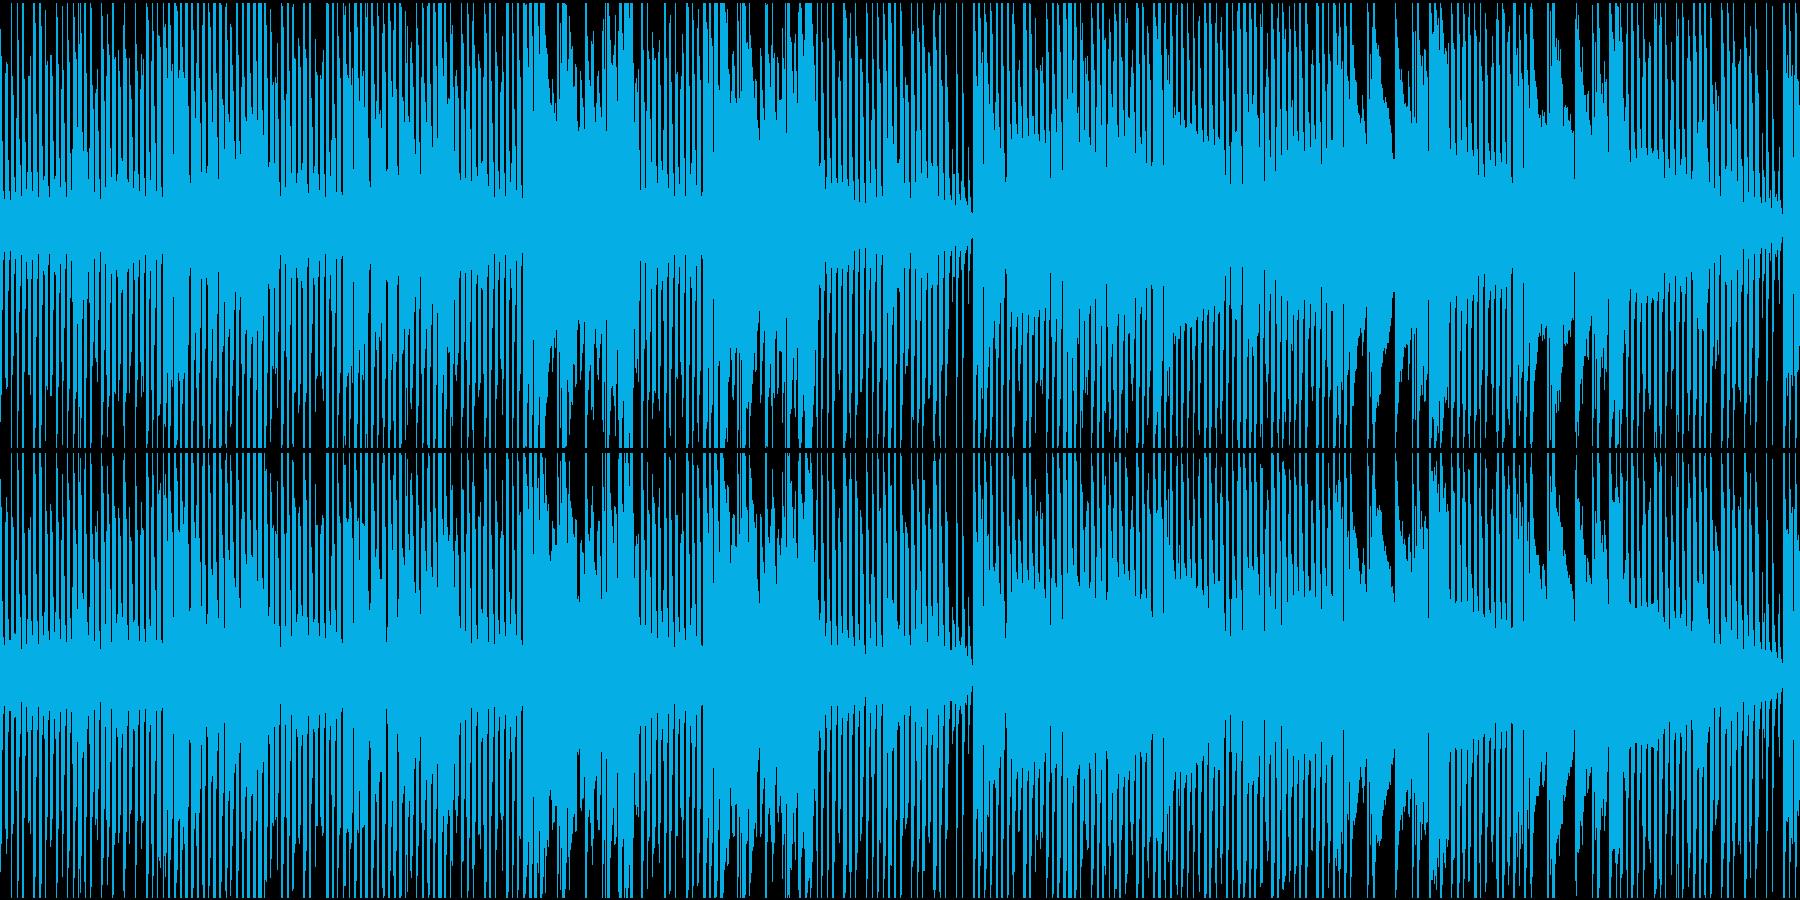 チップチューンでロックンロール風の再生済みの波形